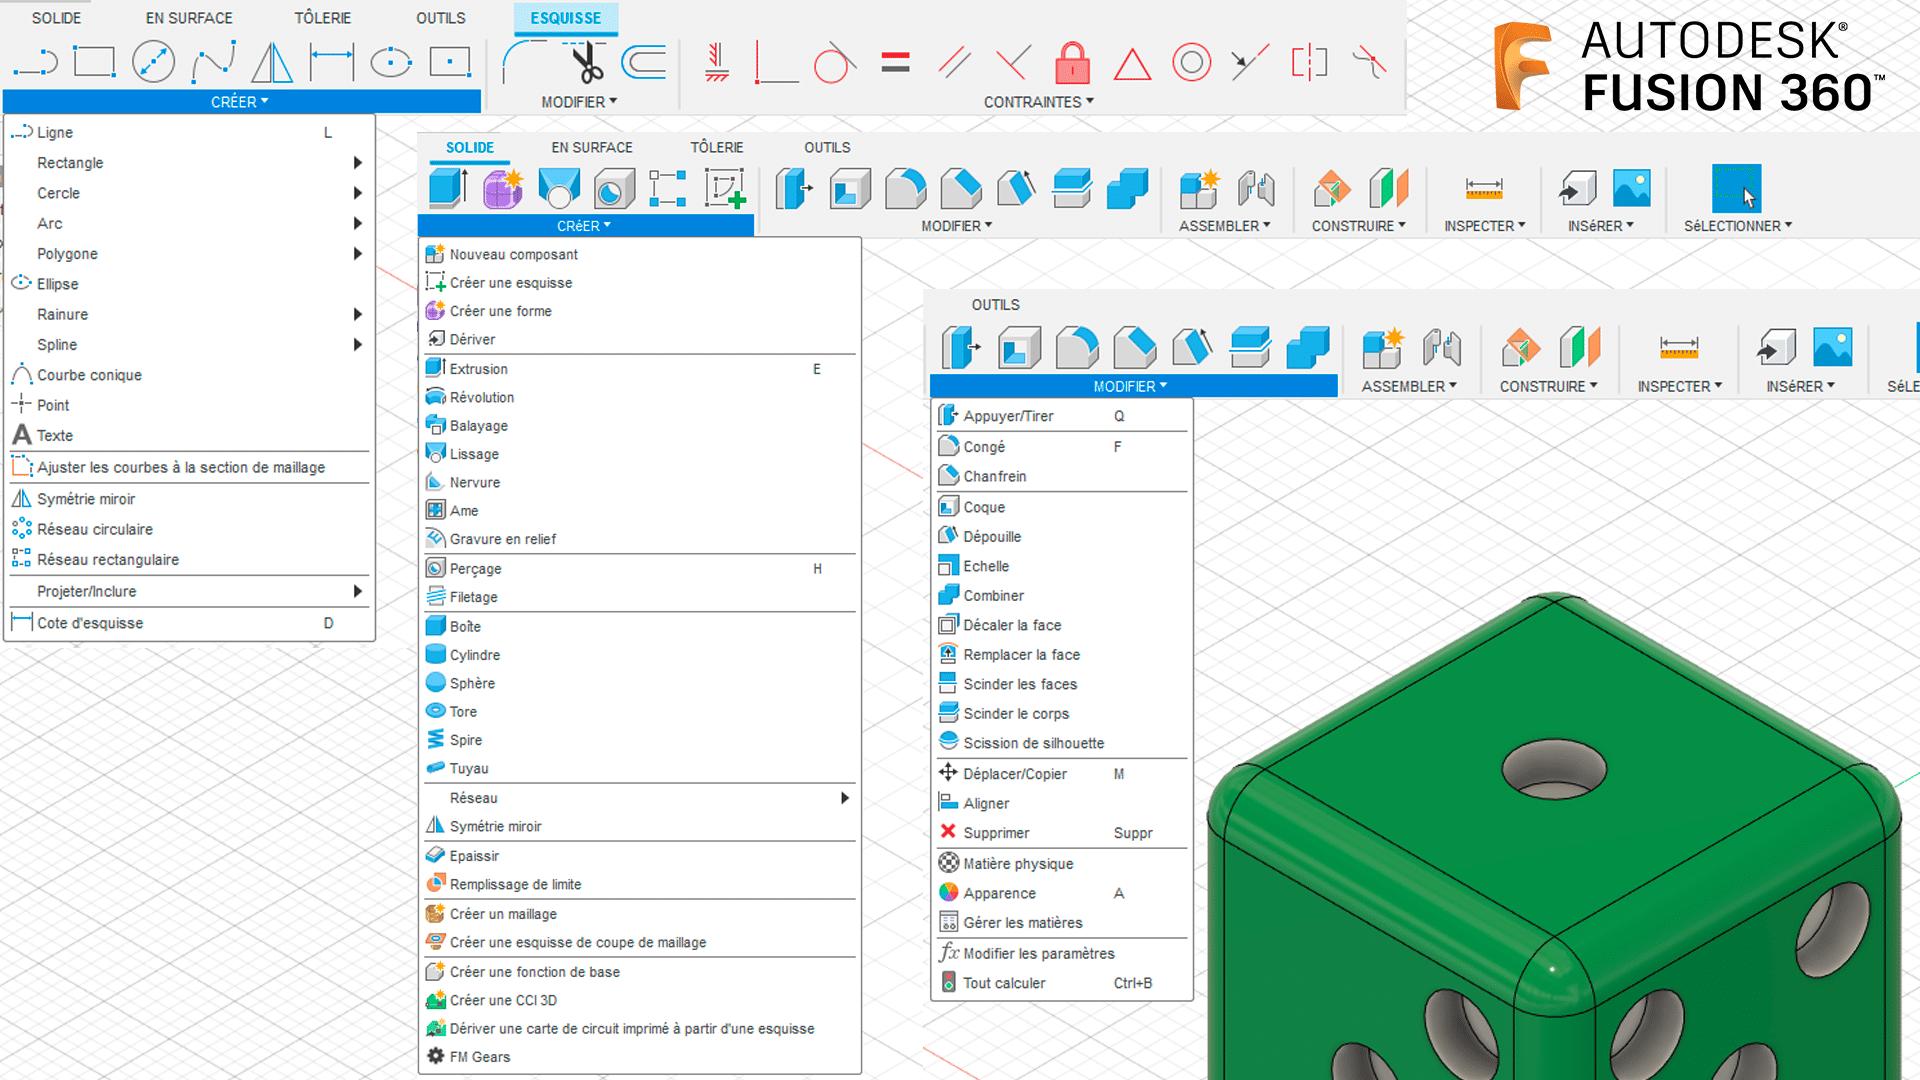 Fonctionnalités Autodesk Fusion 360